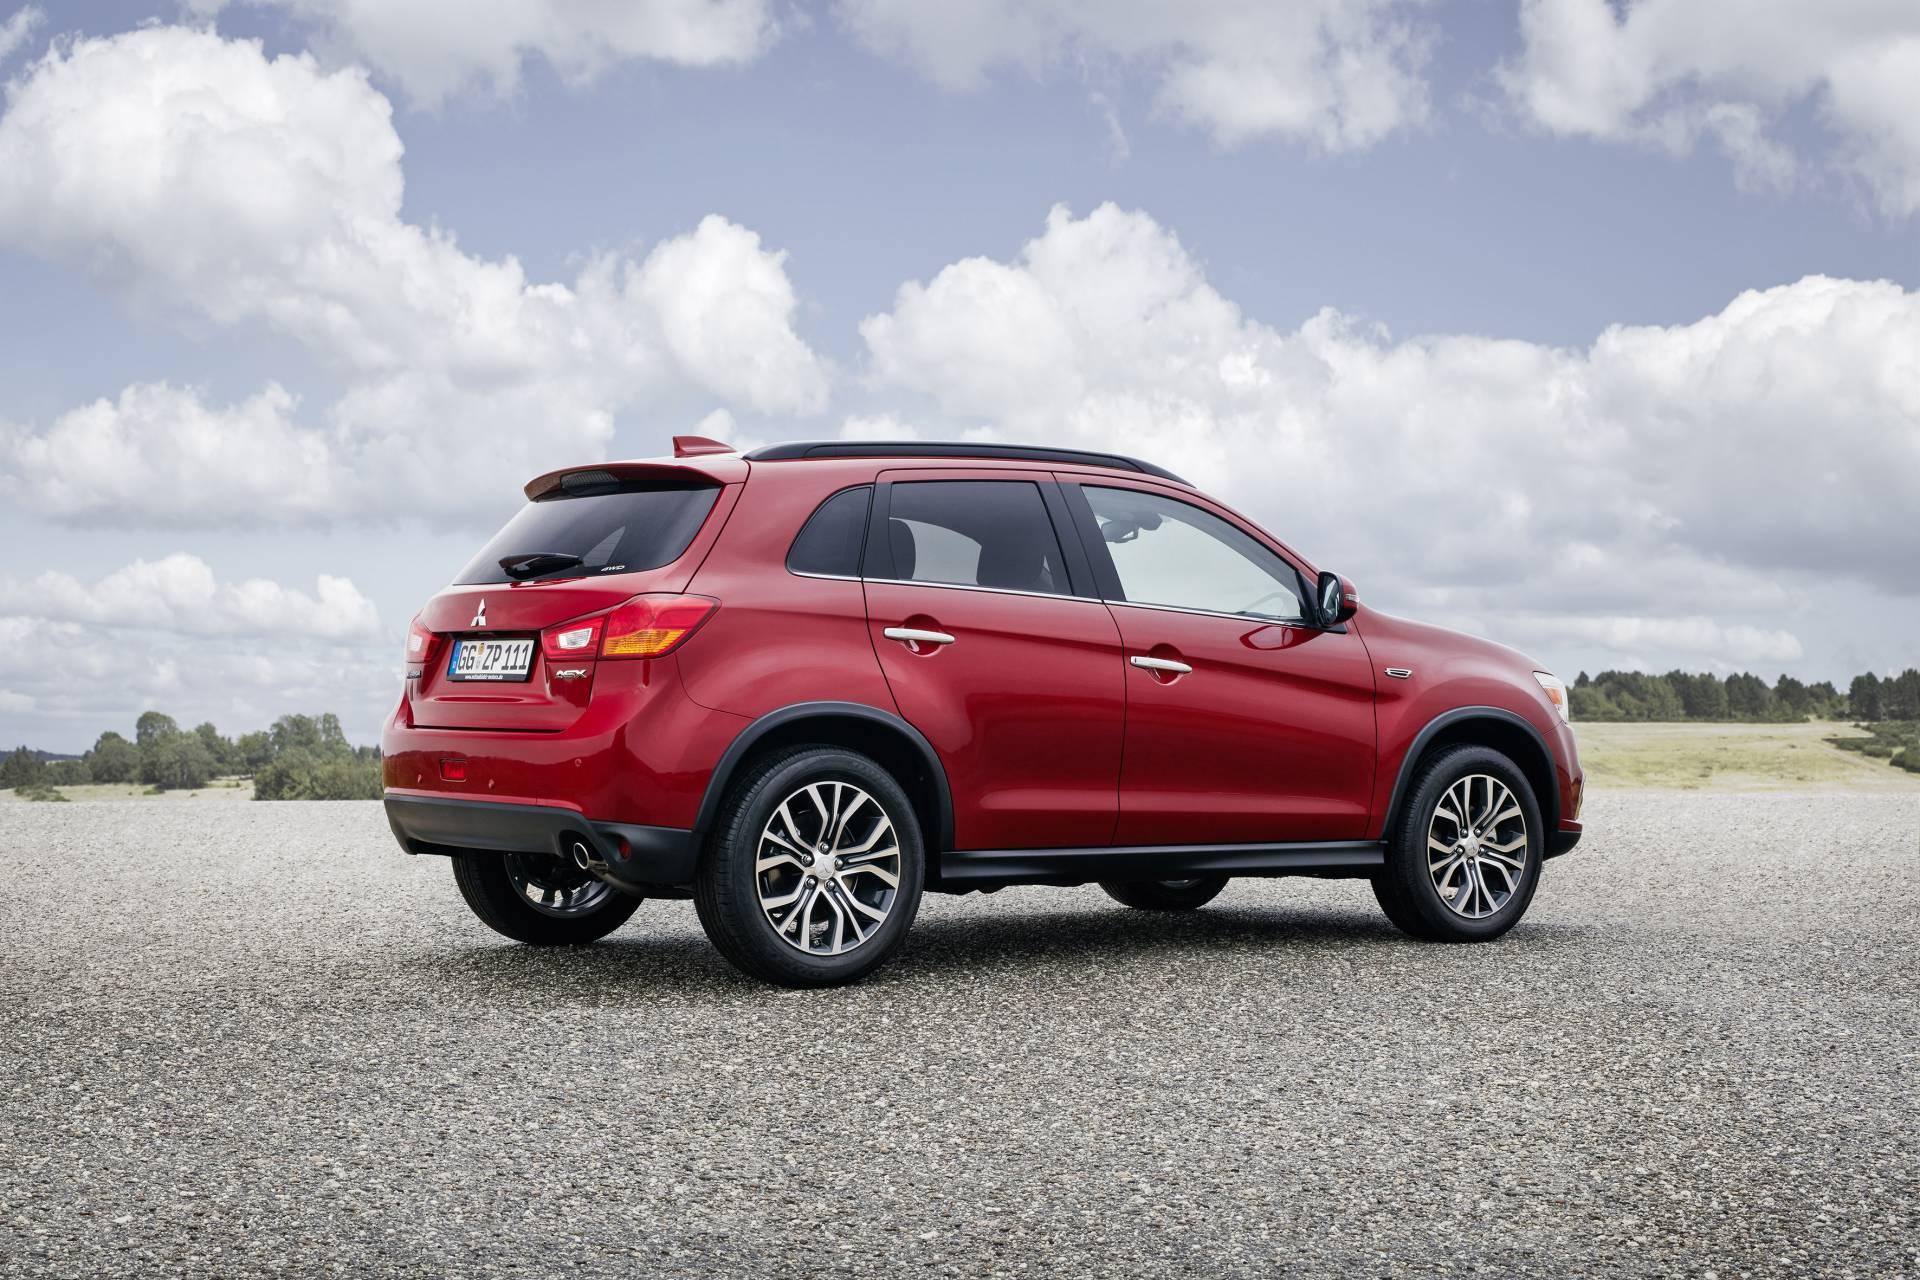 Con 4,35 m de longitud, el ASX se inscribe en el segmento de los SUV compactos. Entre sus rivales destacan modelos como, el Peugeot 4008, Nissan Qashqai o Kia Sportage.